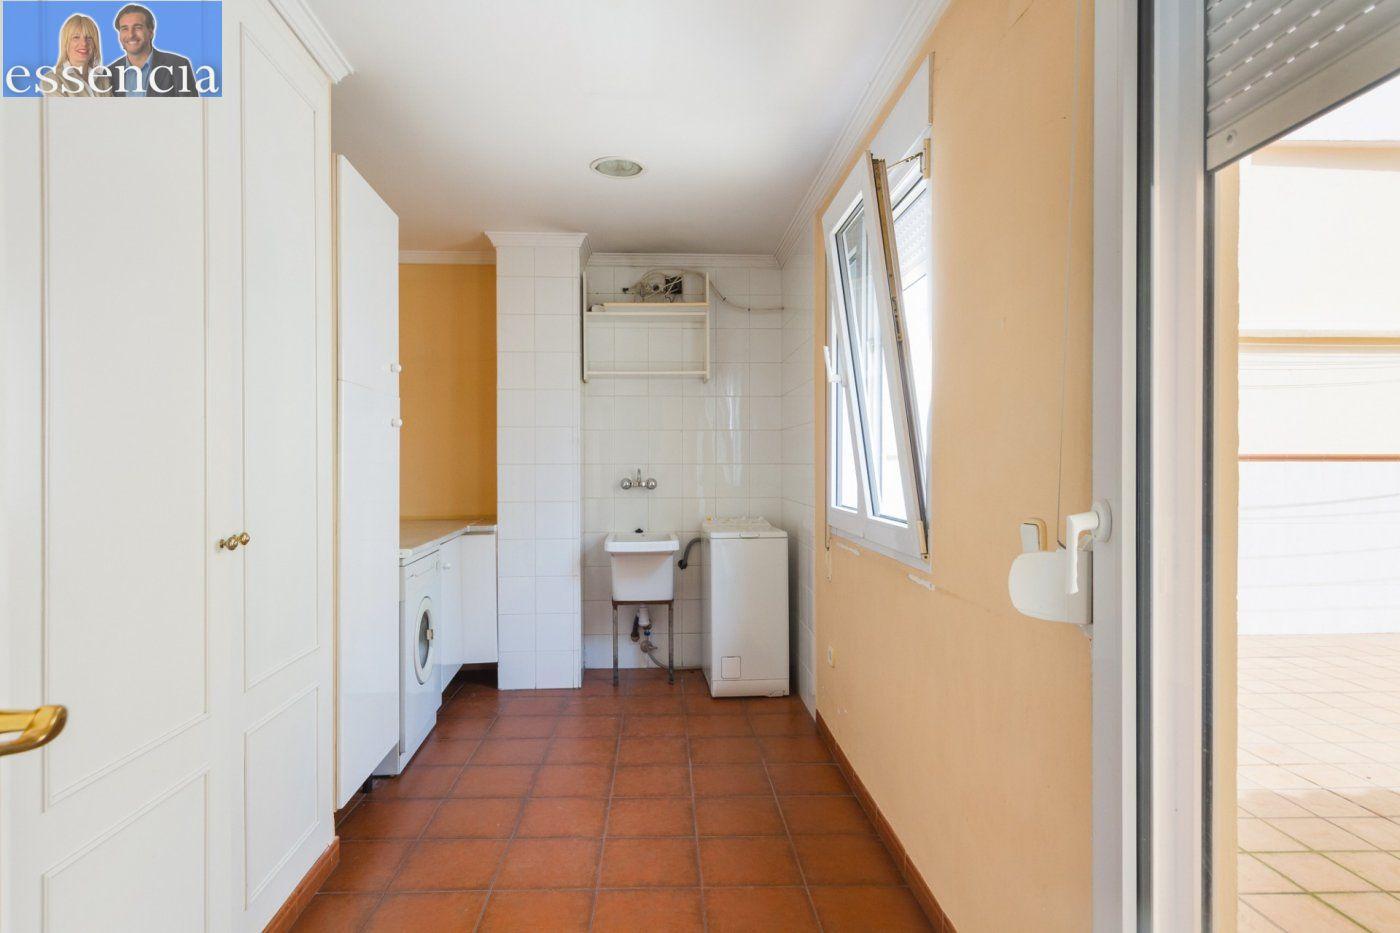 Casa con encanto en el centro de gandÍa para clientes vip - imagenInmueble19